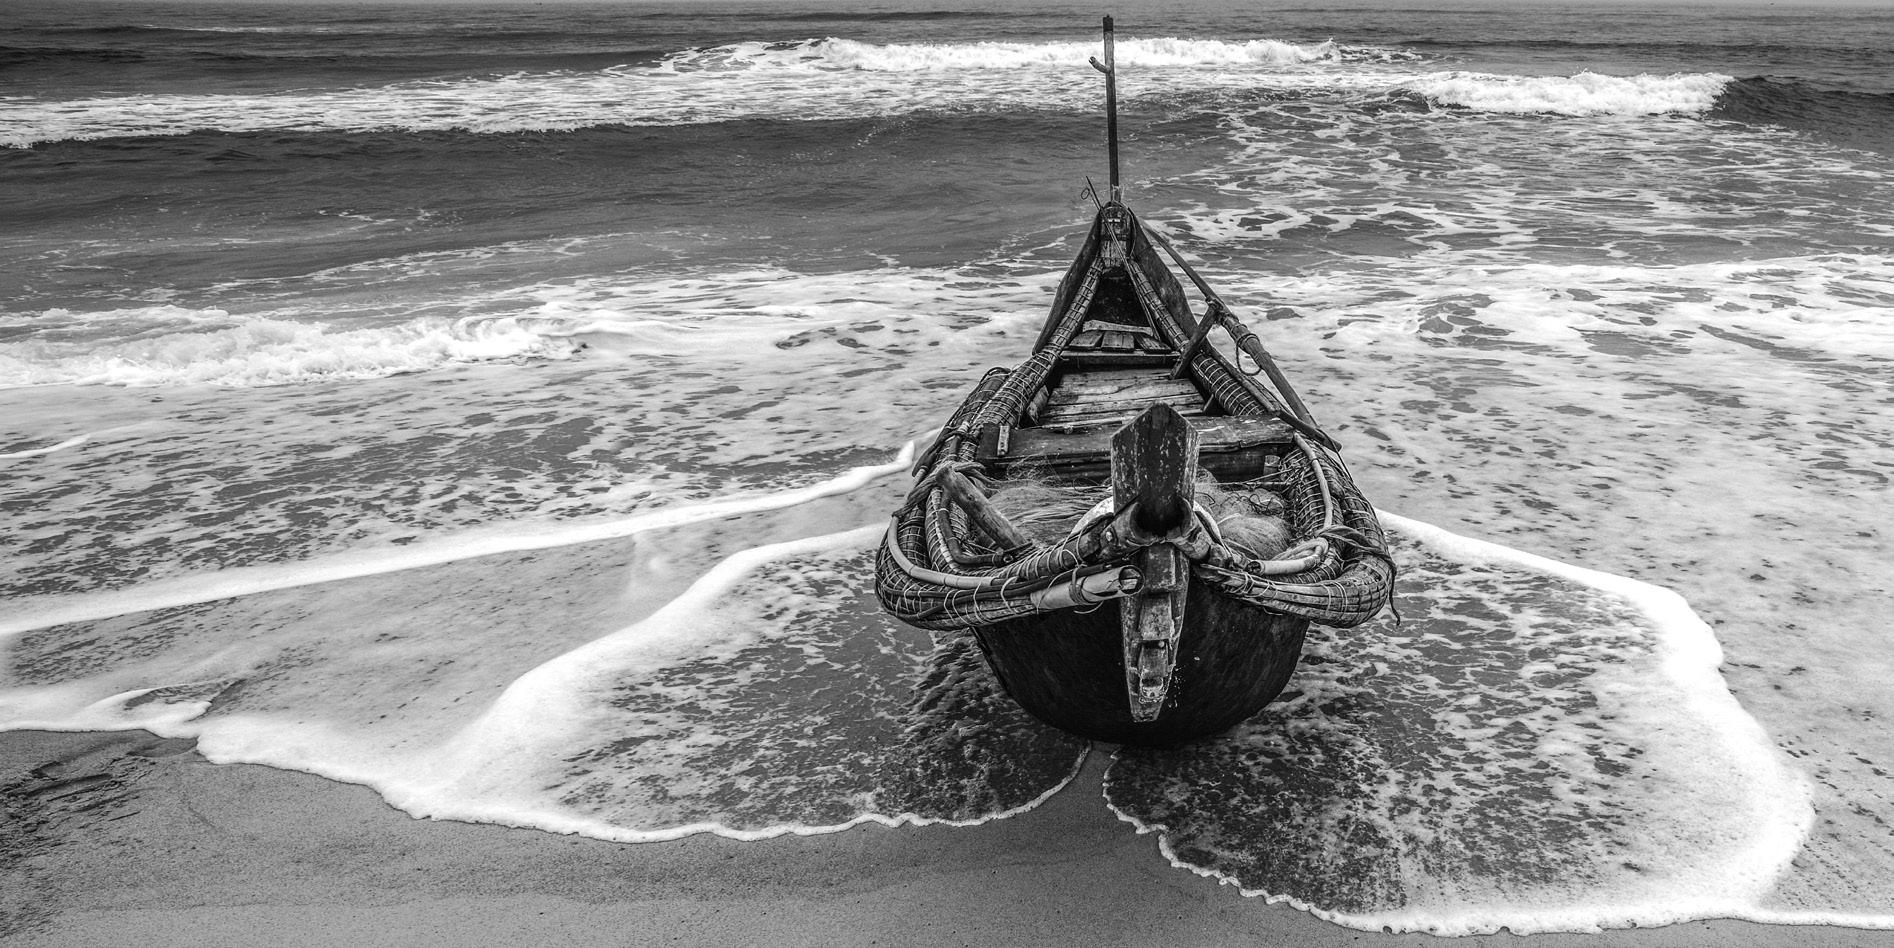 Bãi biển Mỹ Thuỷ, huyện Hải Lăng, Quảng Trị My Thuy beach, Hai Lang district, Quang Tri province - Nhà nhiếp ảnh Mỹ Dũng